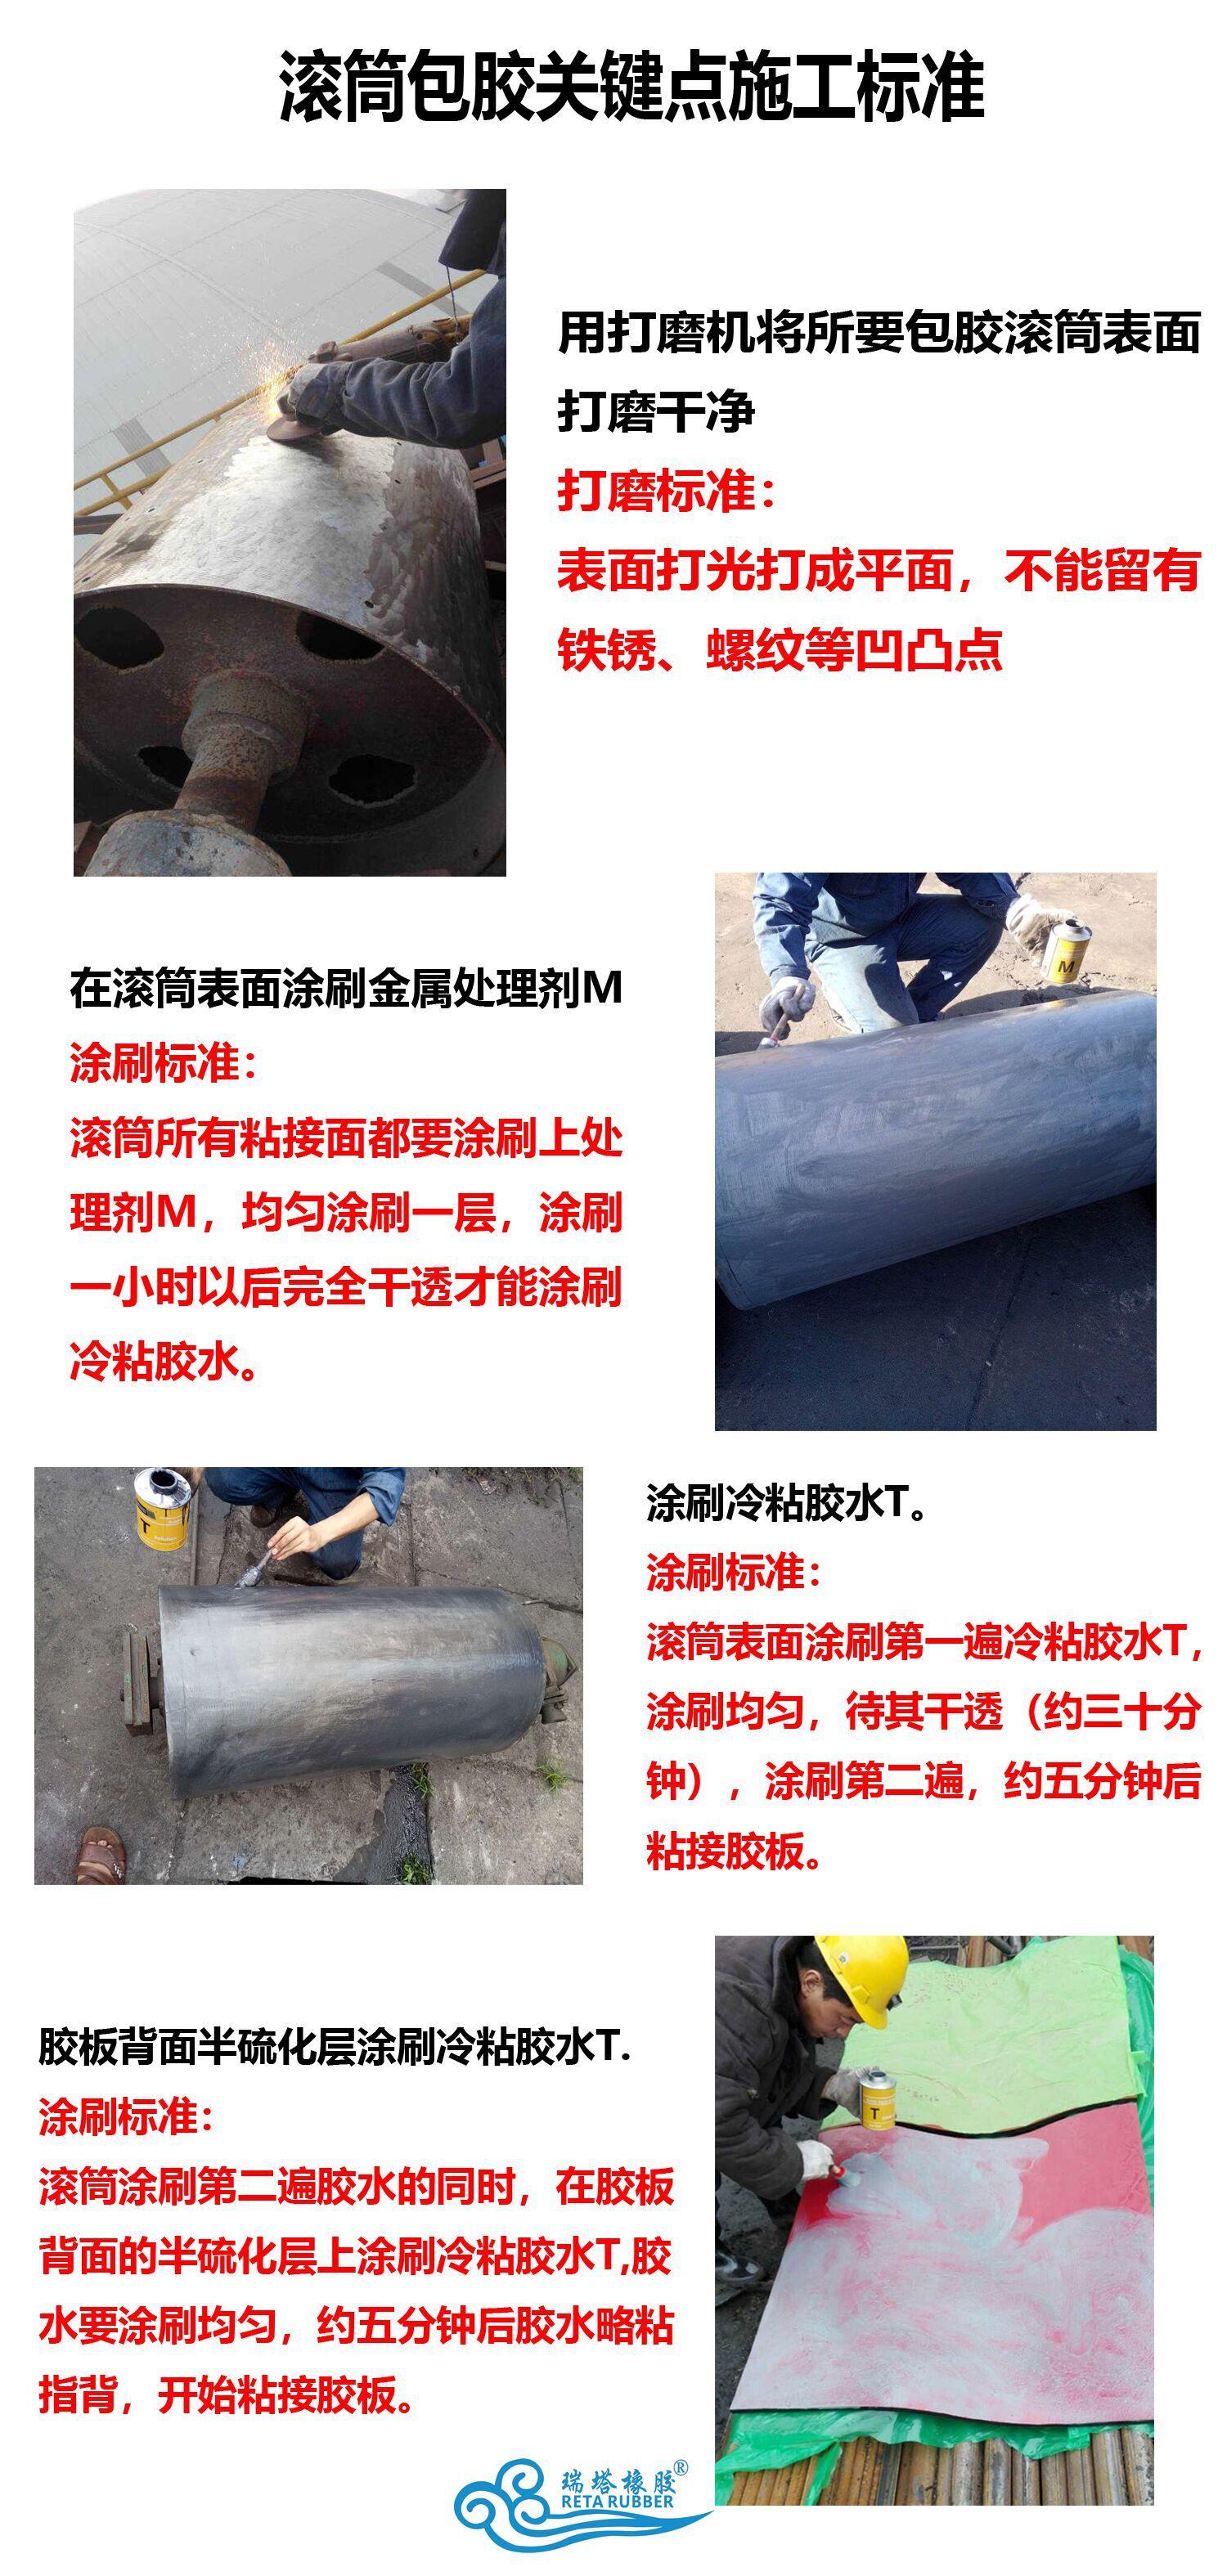 cn层滚筒包胶胶板 耐磨冷硫化cn层滚筒包胶胶板厂家示例图23